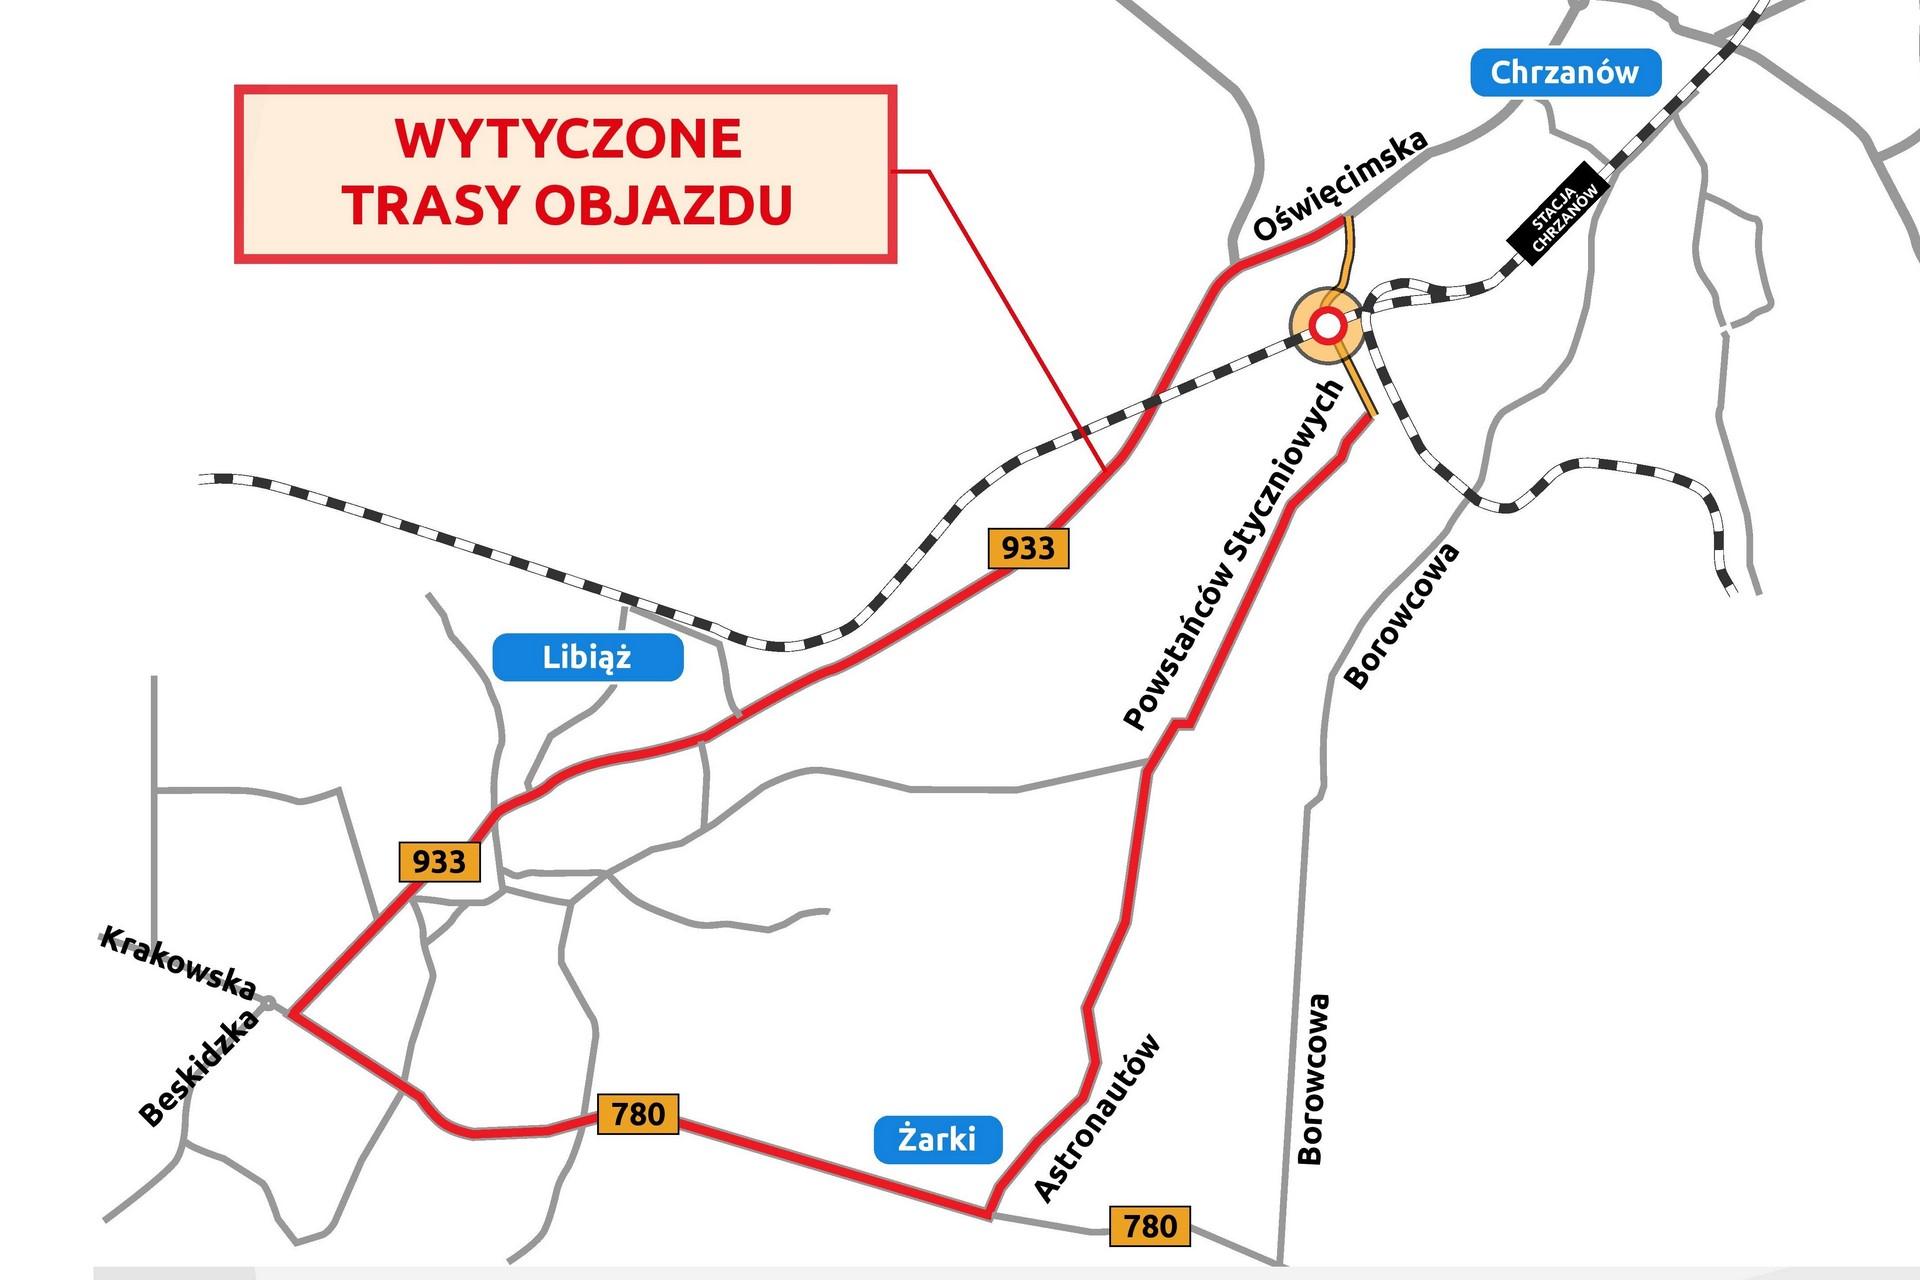 Zdjęcie pokazuje wytyczoną linie trasy objazdu